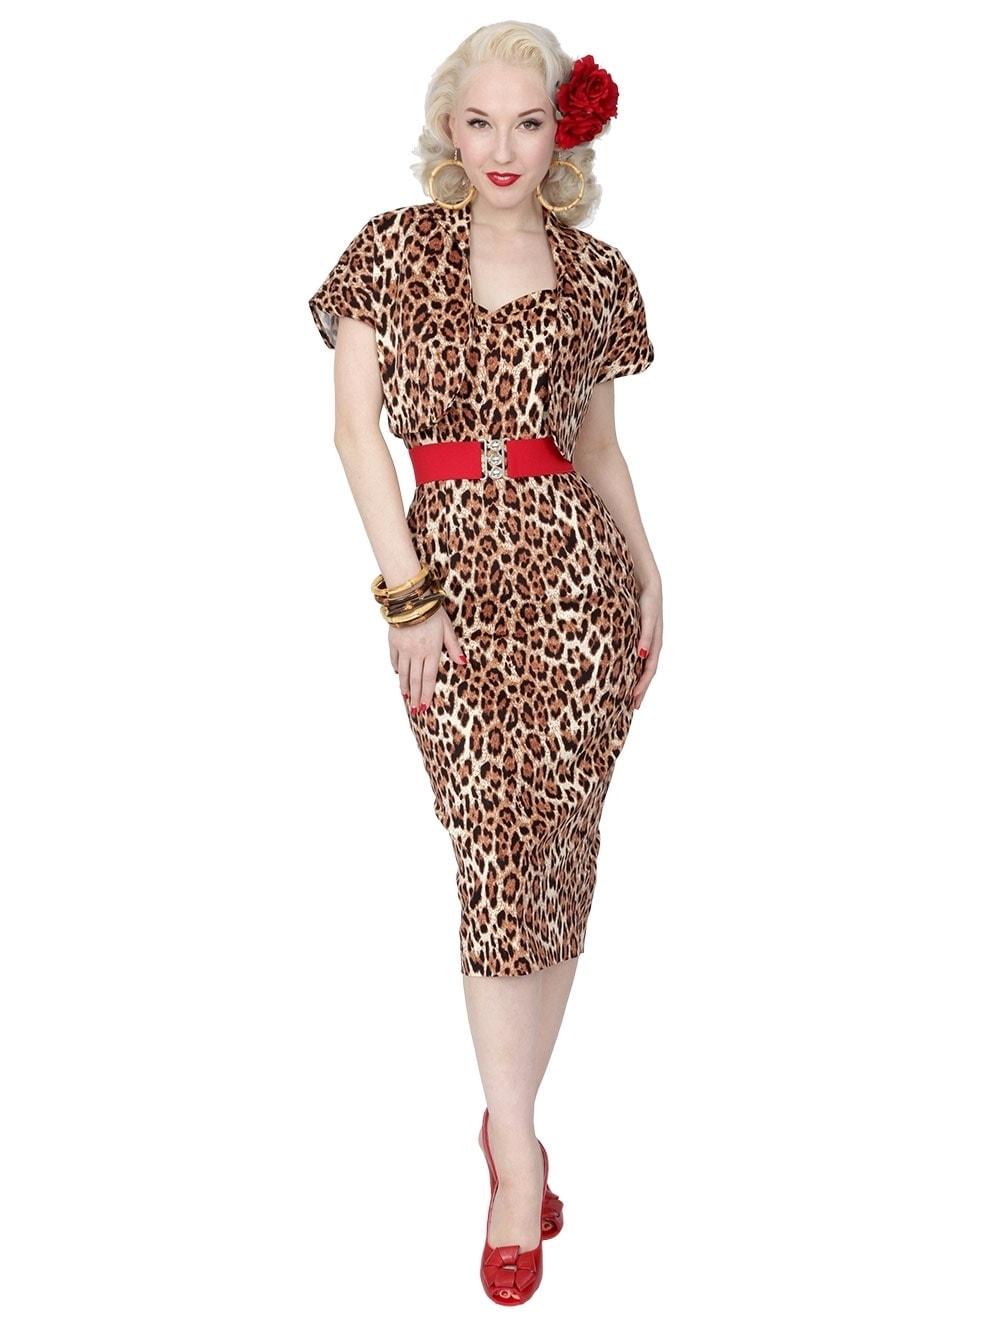 0d8c25653292 50s-1950s-Vivien-of-Holloway-Best-Vintage-Reproduction-